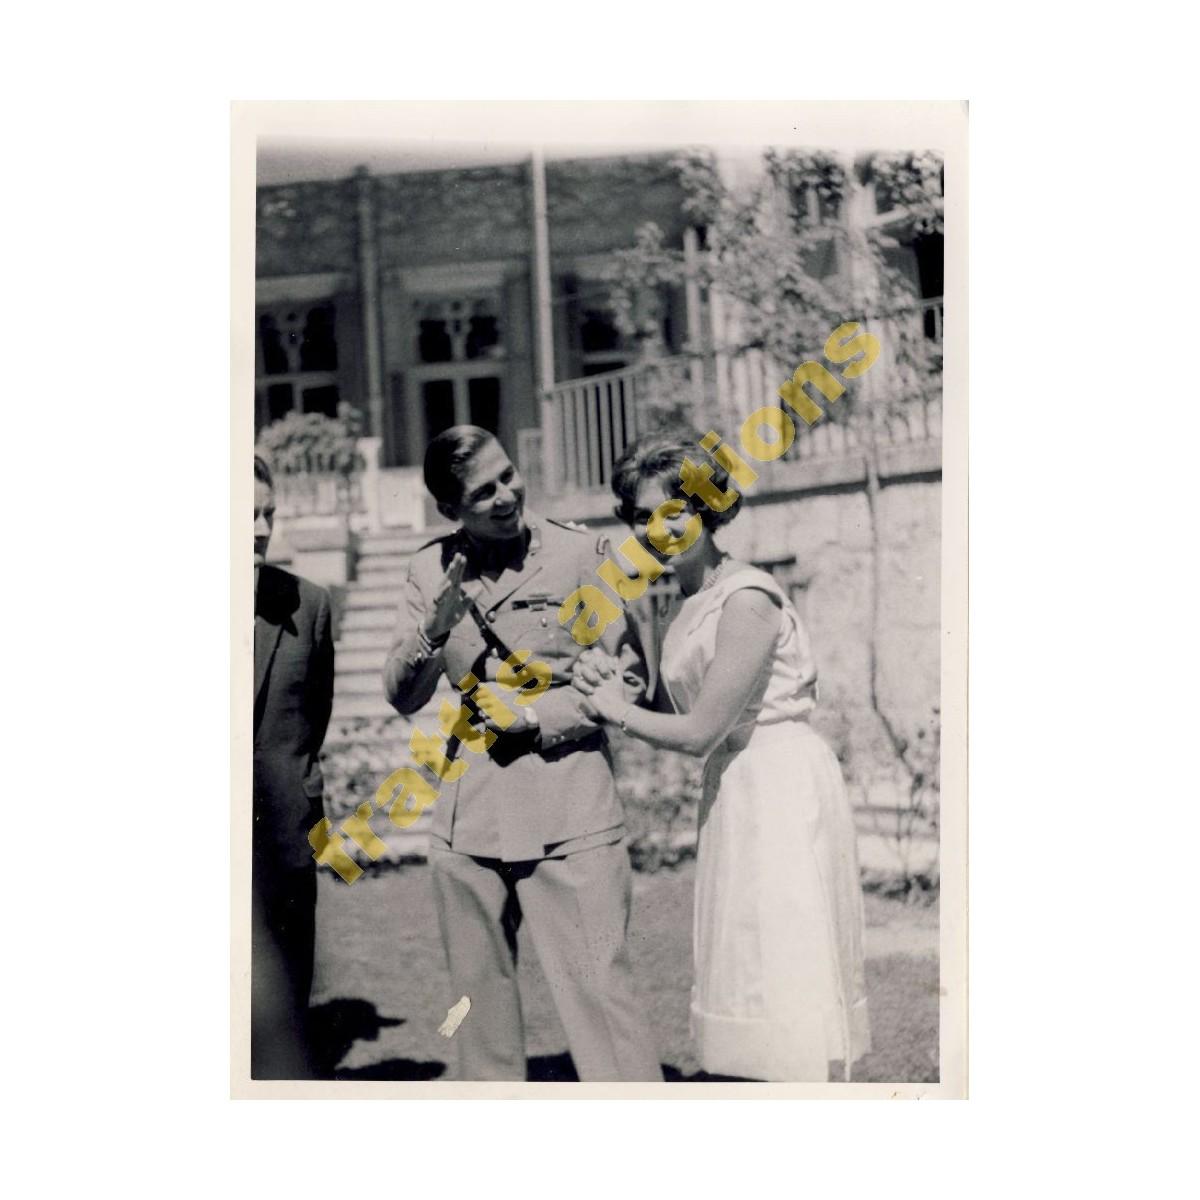 Φωτογραφία του διαδόχου Κωνσταντίνου με την Βασ. Σοφία.